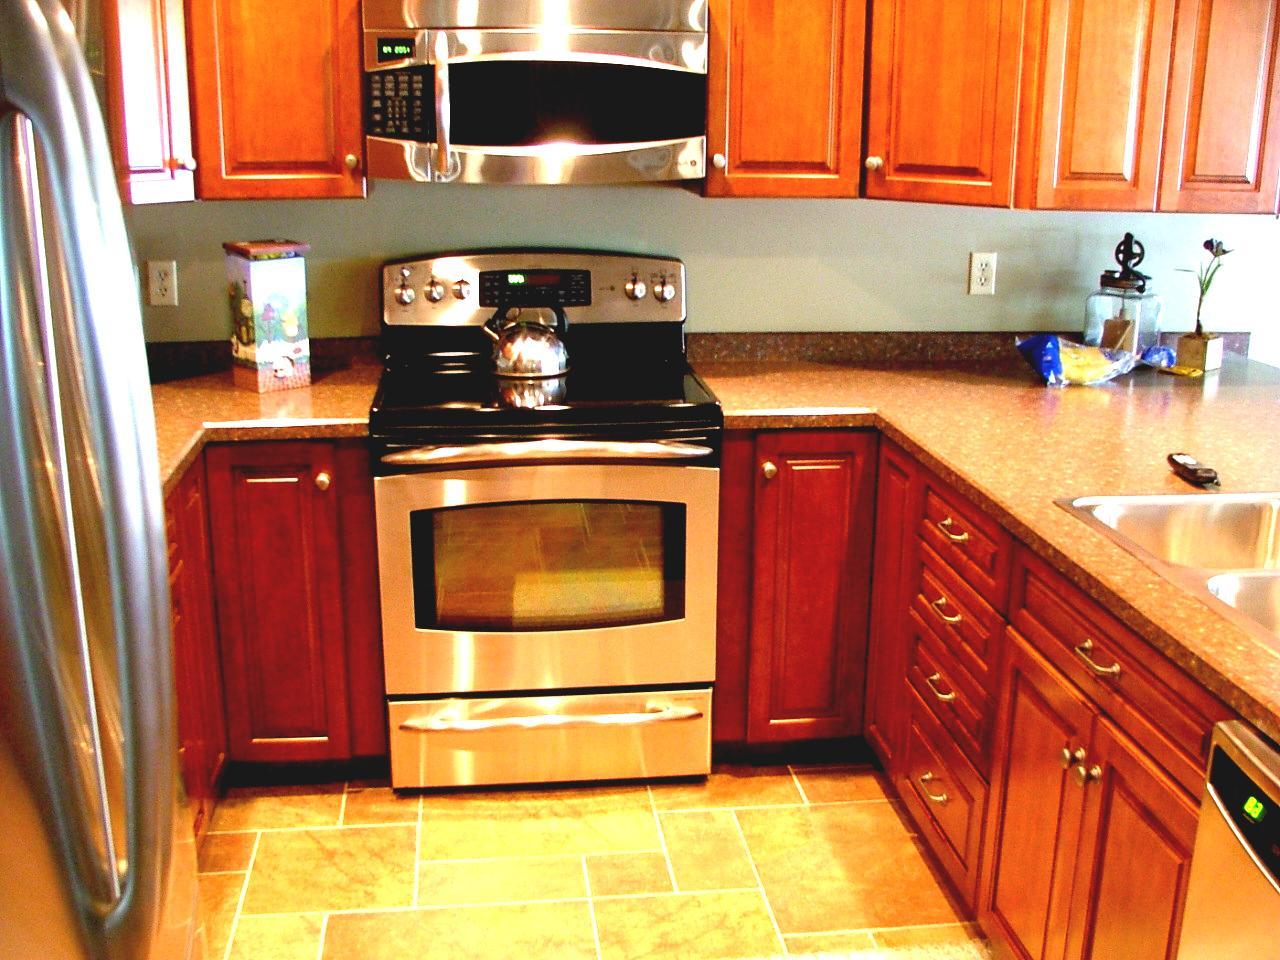 u shaped kitchen appliance layout photo - 5